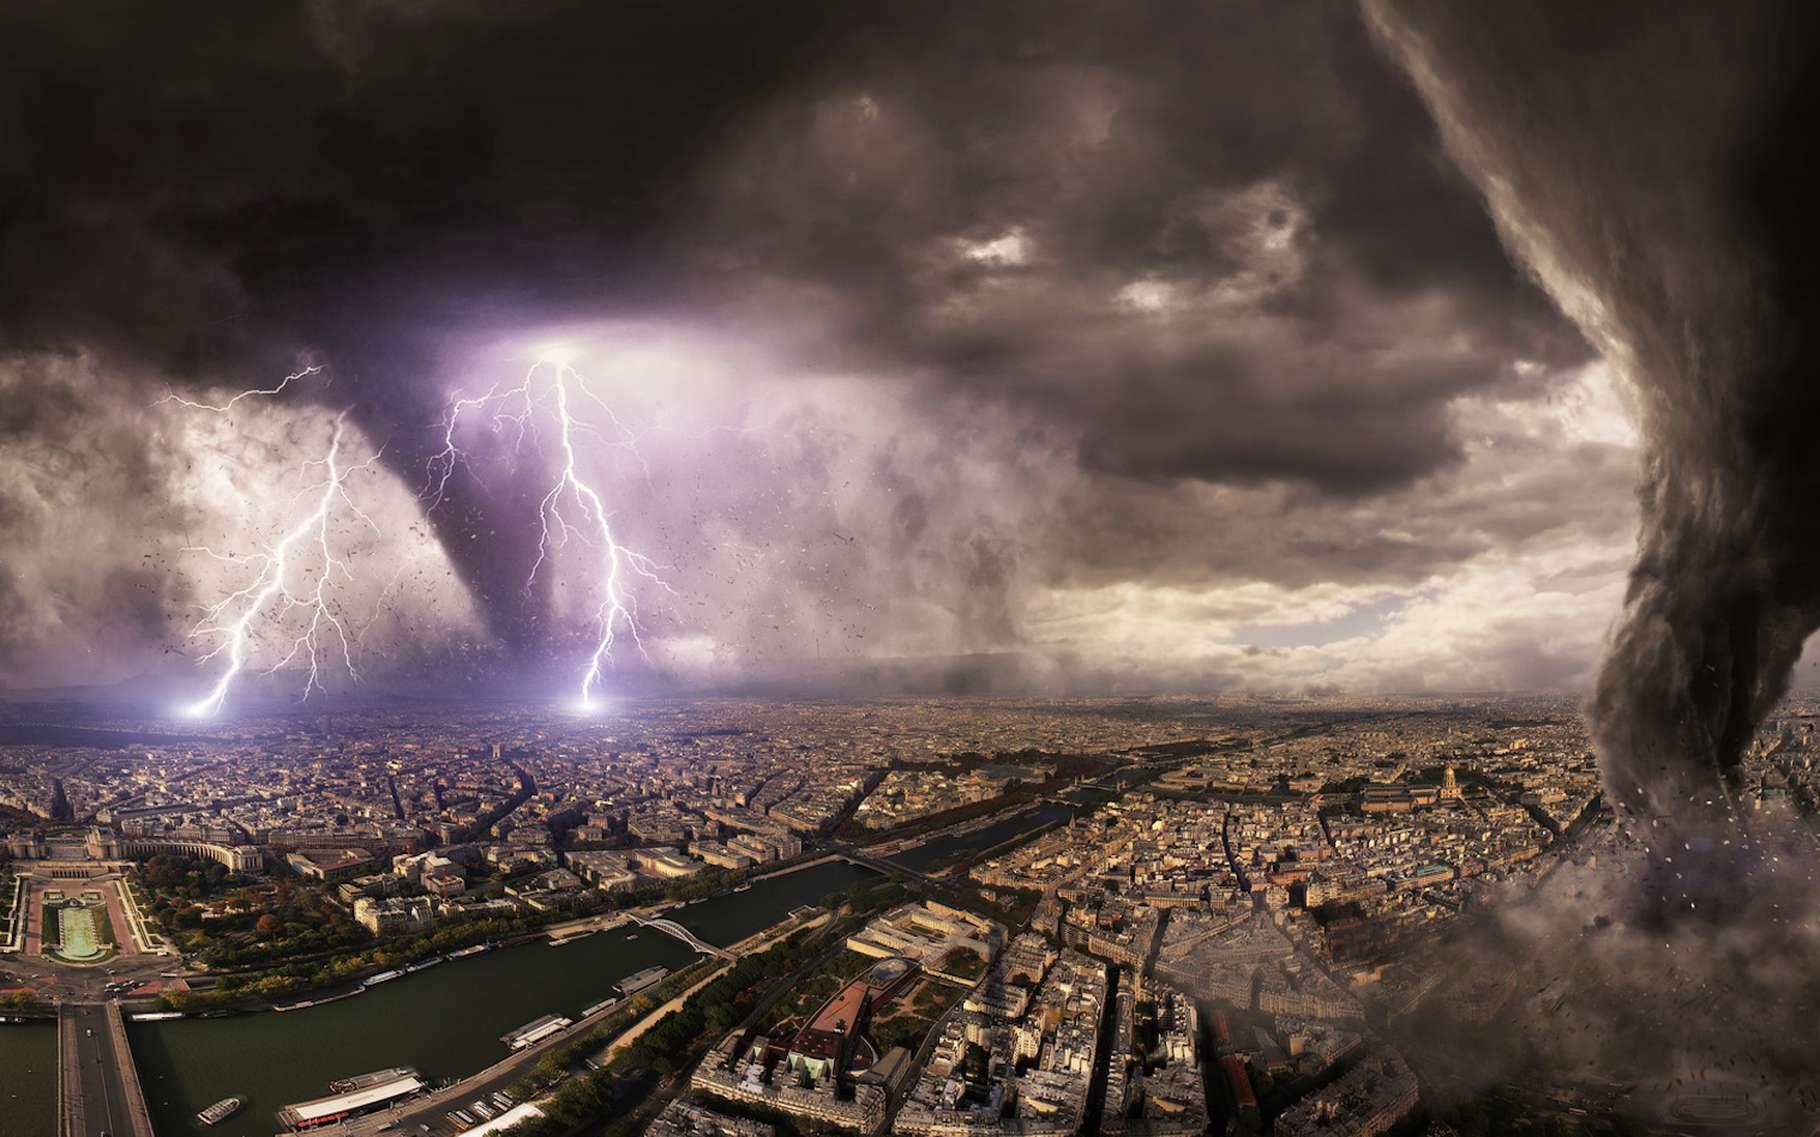 En France, seulement deux tornades de classe EF5 ont été recensées : la plus récente en 1967, l'autre en 1845. © sdecoret, Fotolia